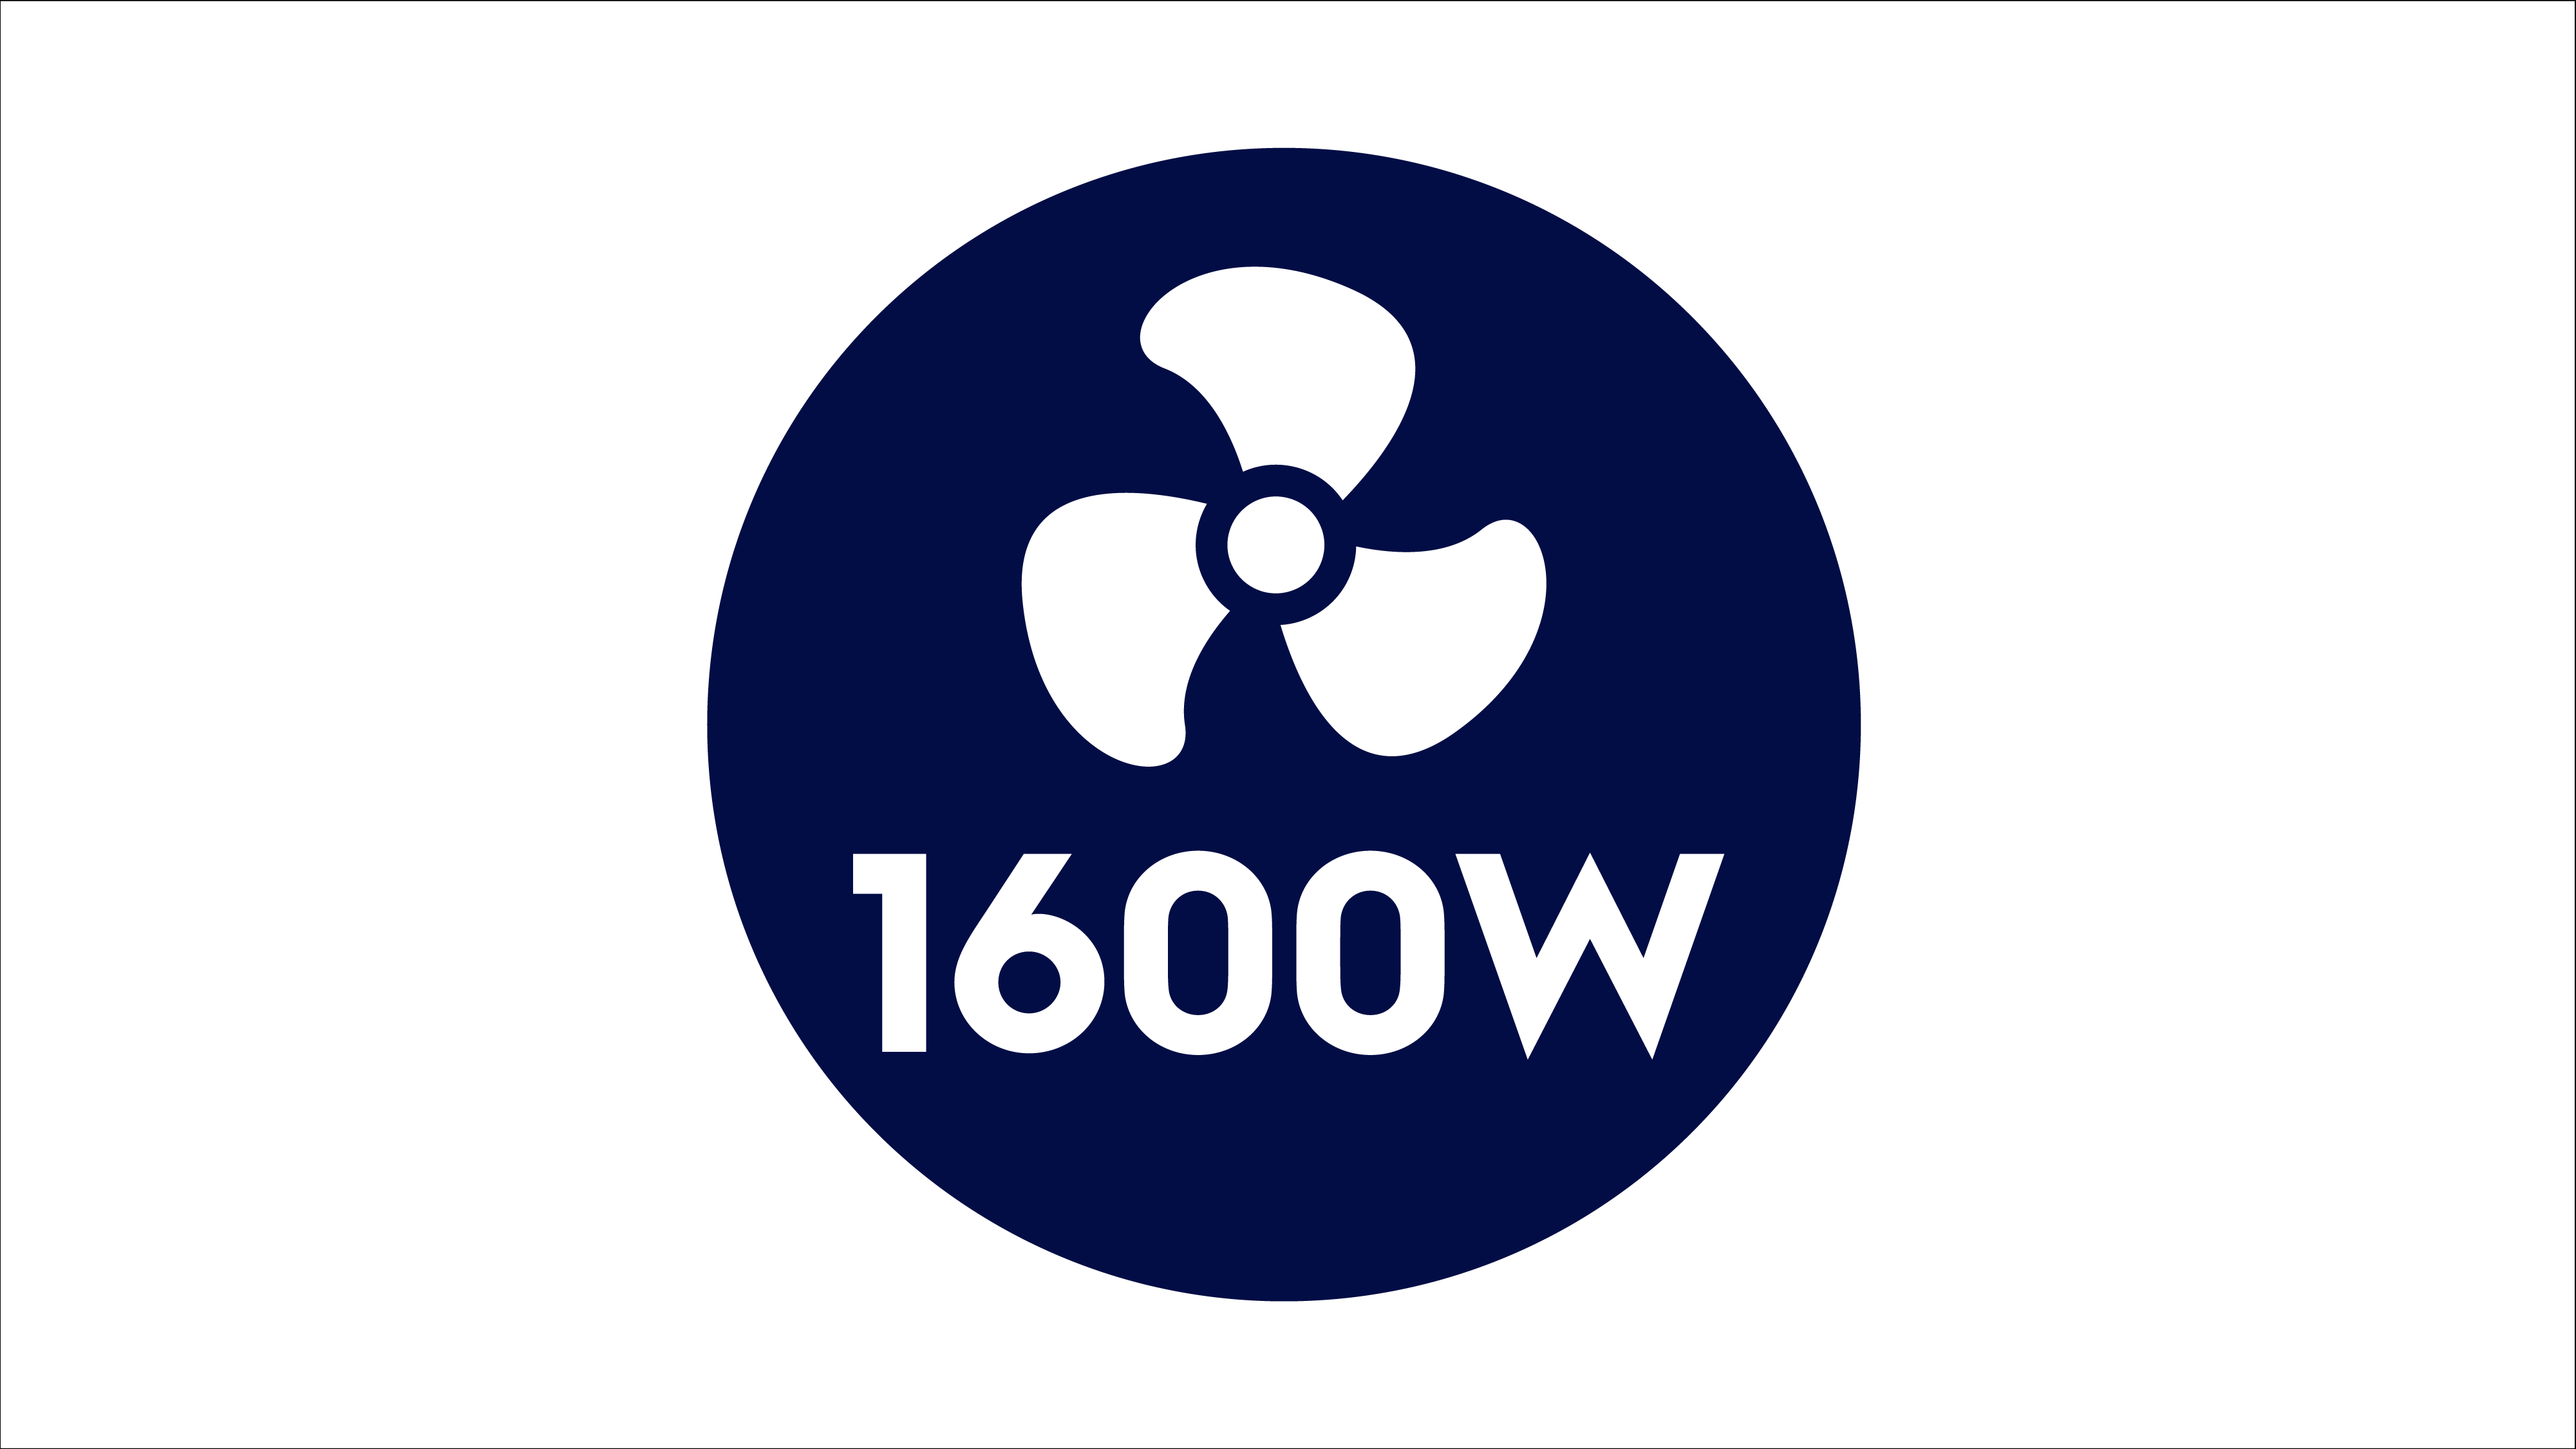 1,600W maximum motor power